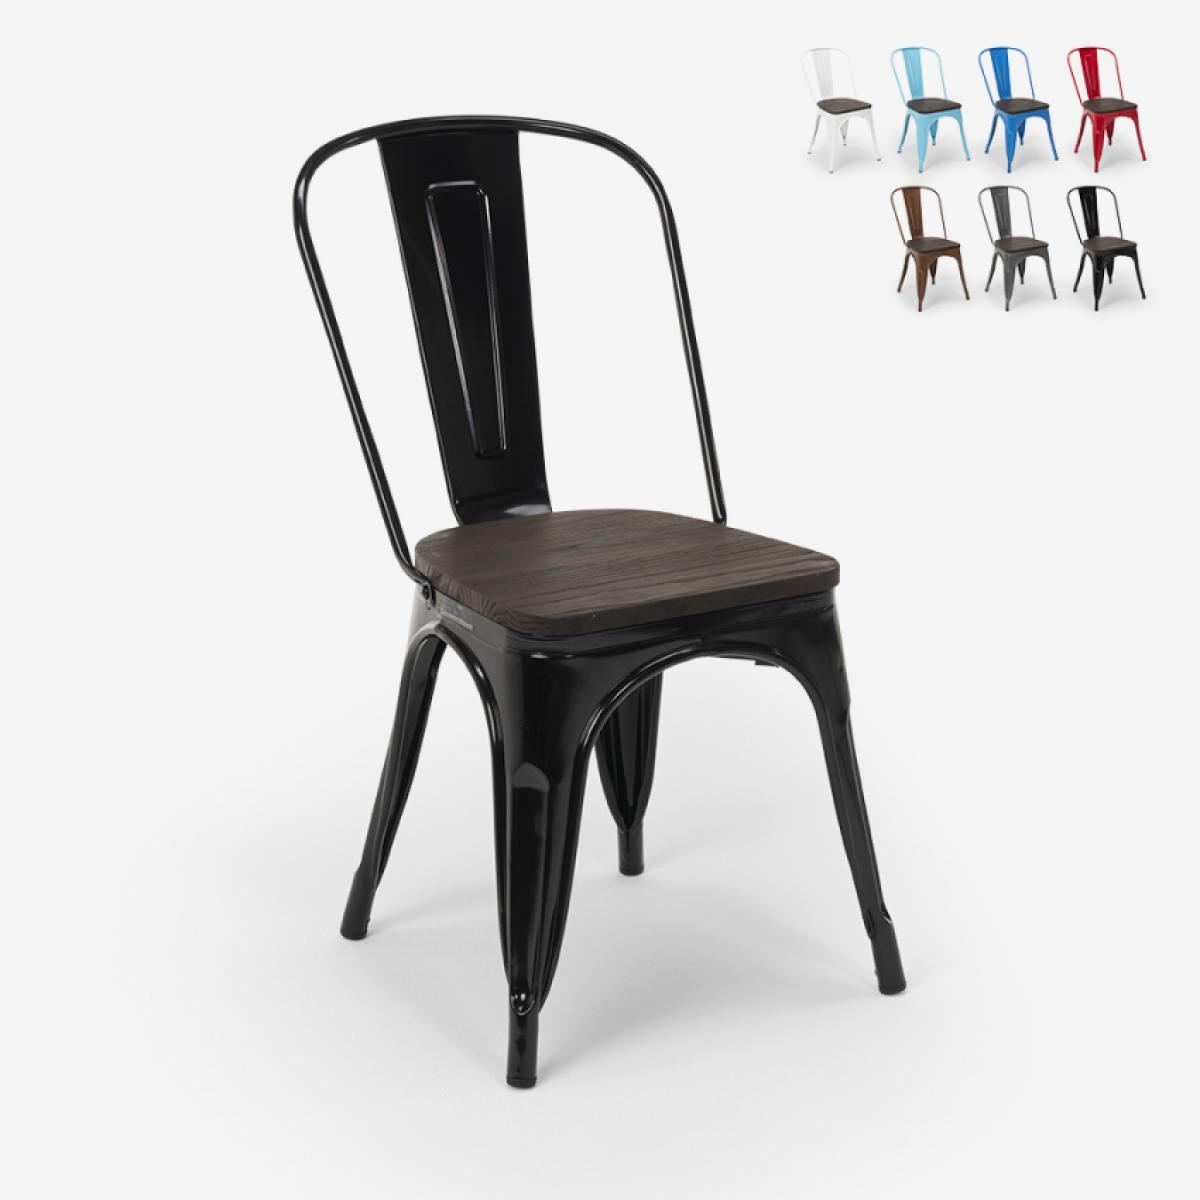 Ahd Amazing Home Design Chaises industrielles en bois et acier Tolix pour cuisine et bar Steel Wood, Couleur: Noir